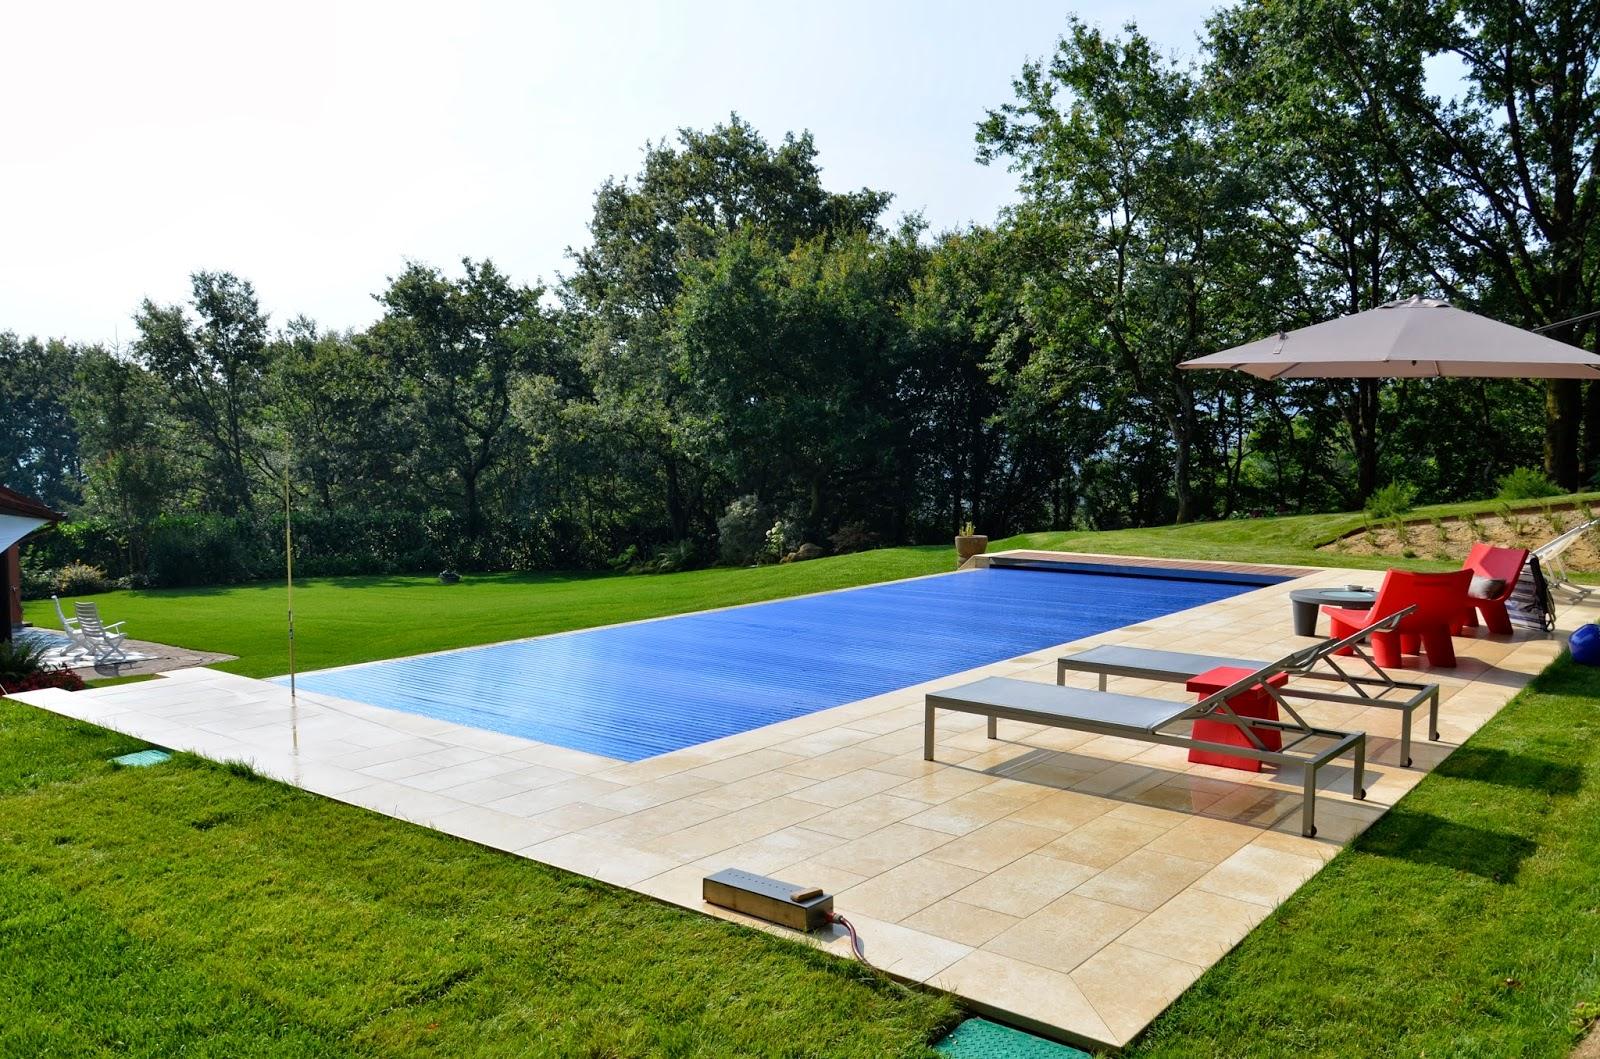 Rosa gres el encanto de una piscina del norte for Gres de breda para piscinas